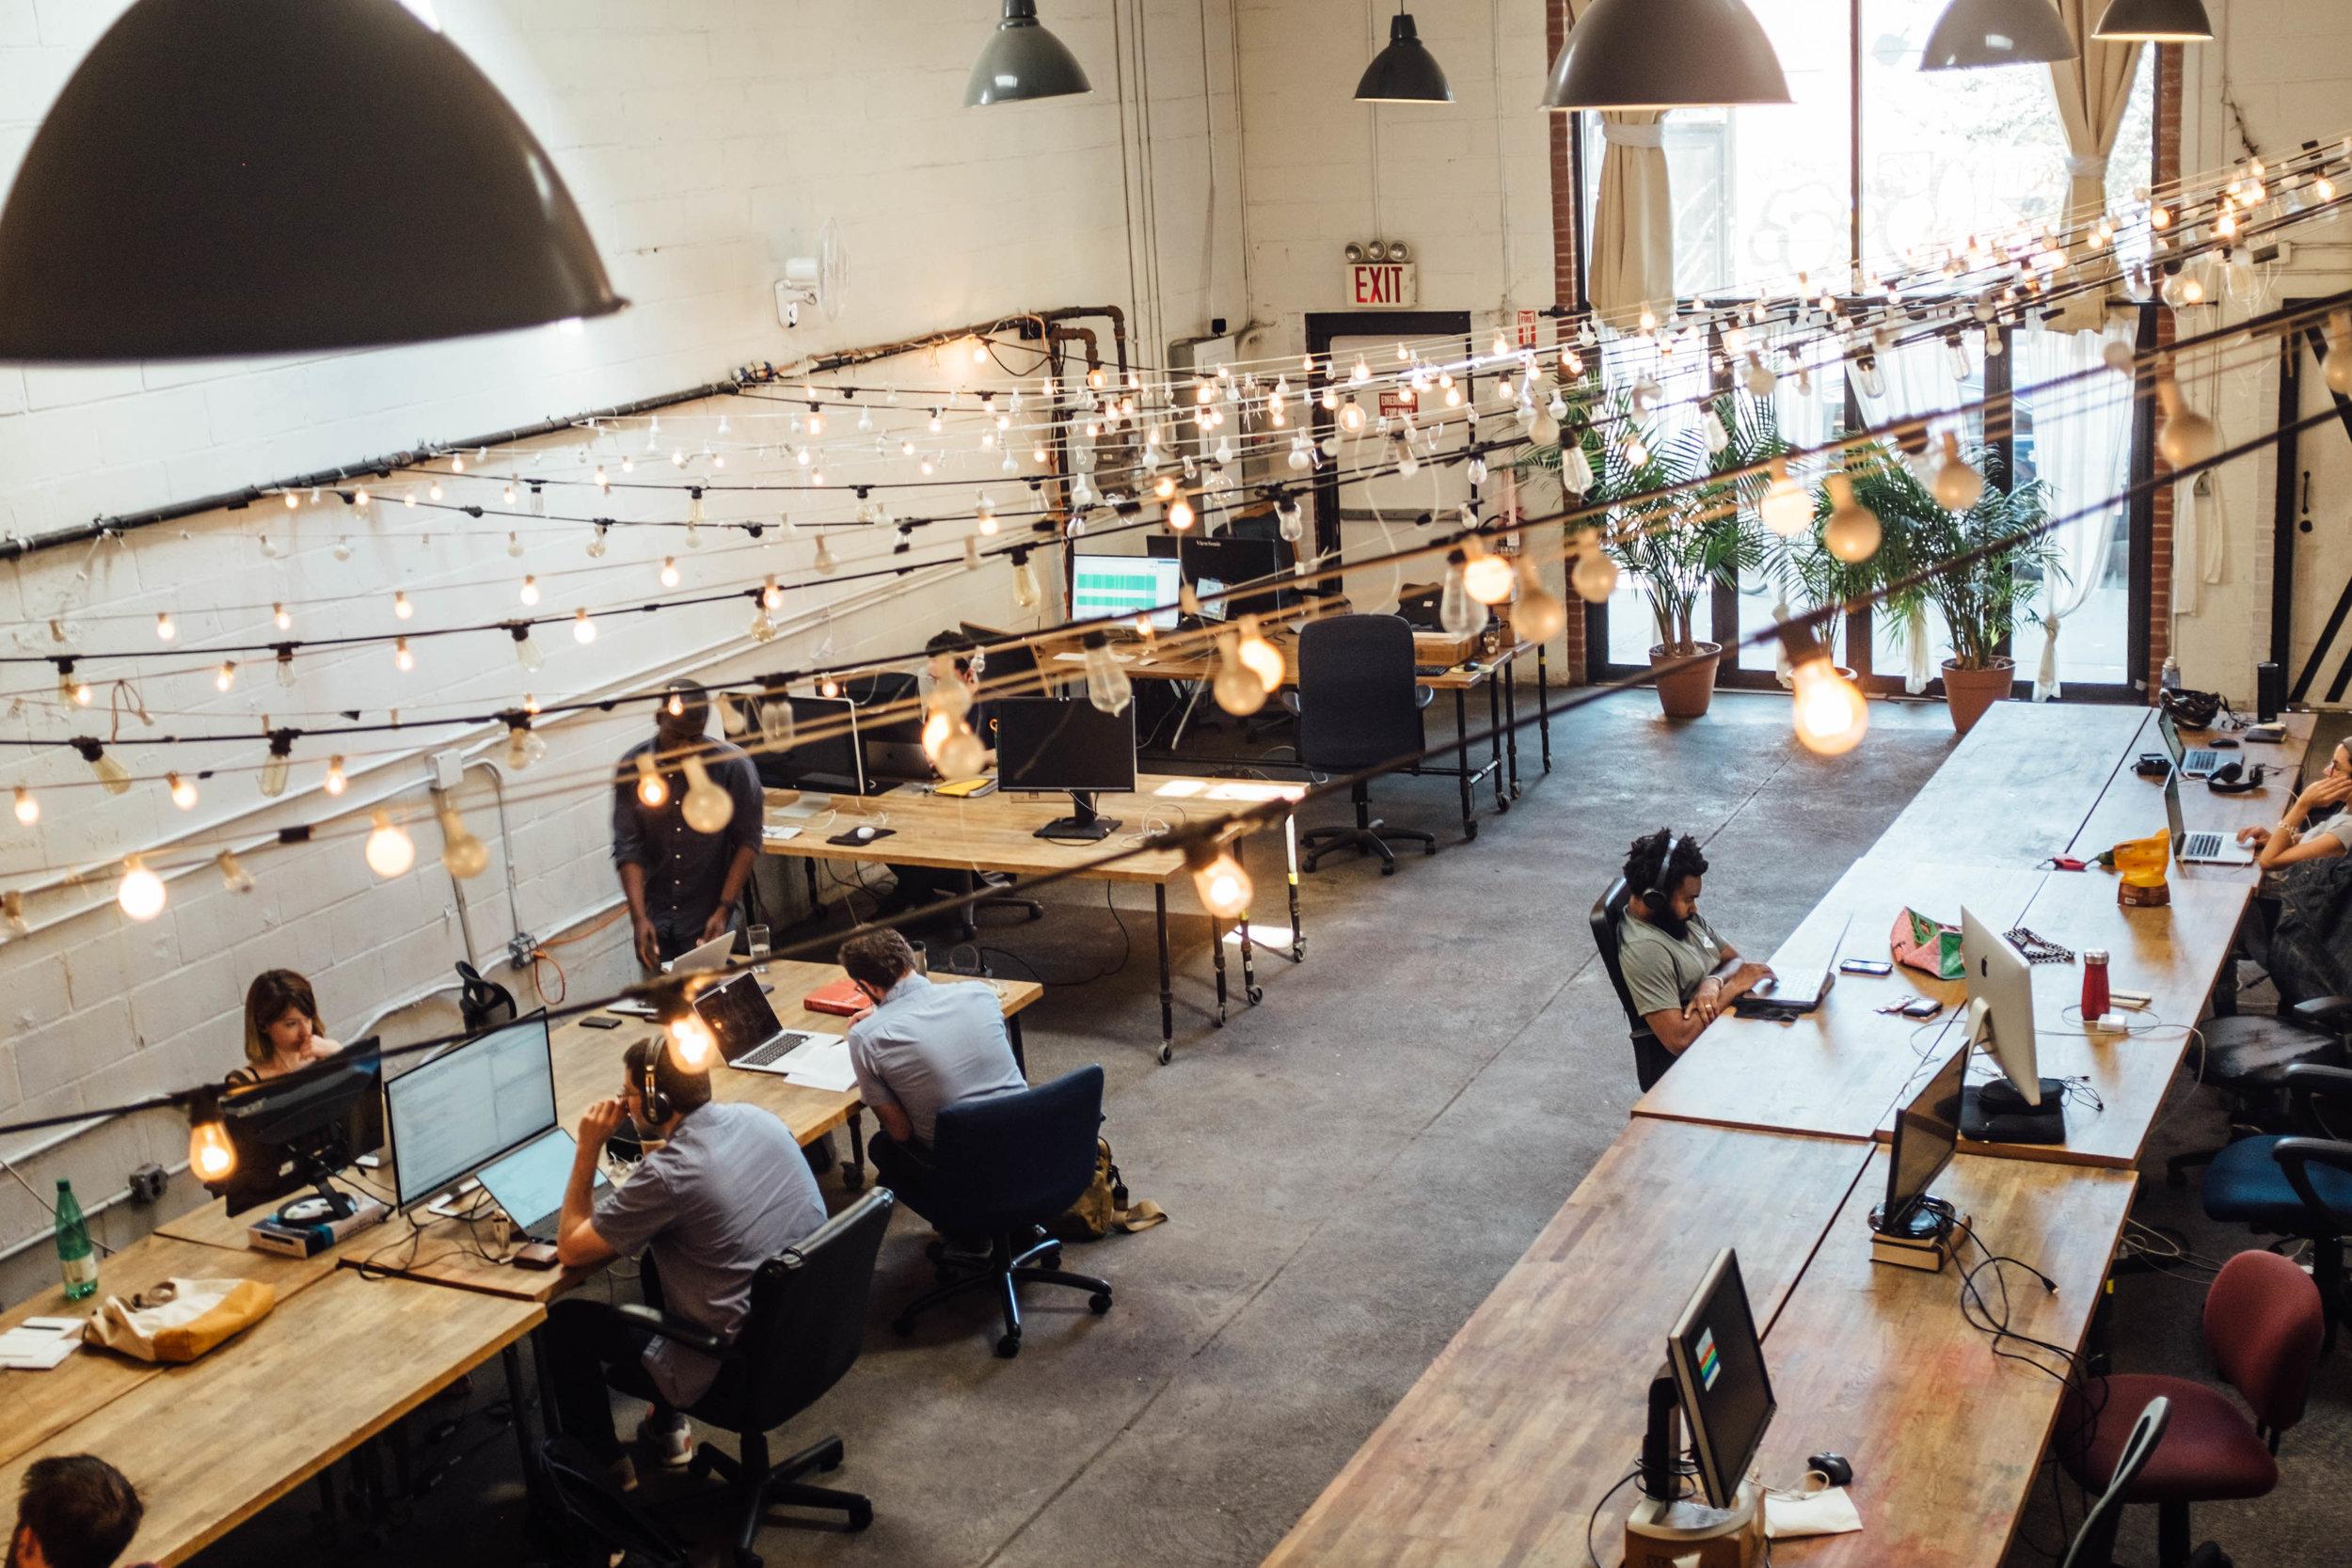 Es sind Besuche in über 150 Großstädten in zahlreichen Co Working Spaces geplant. Vor Ort identifizieren wir echte Innovationen und Menschen die einfach etwas bewegen wollen, führen Interviews und sprechen über die Besonderheiten ihres Vorhabens. -